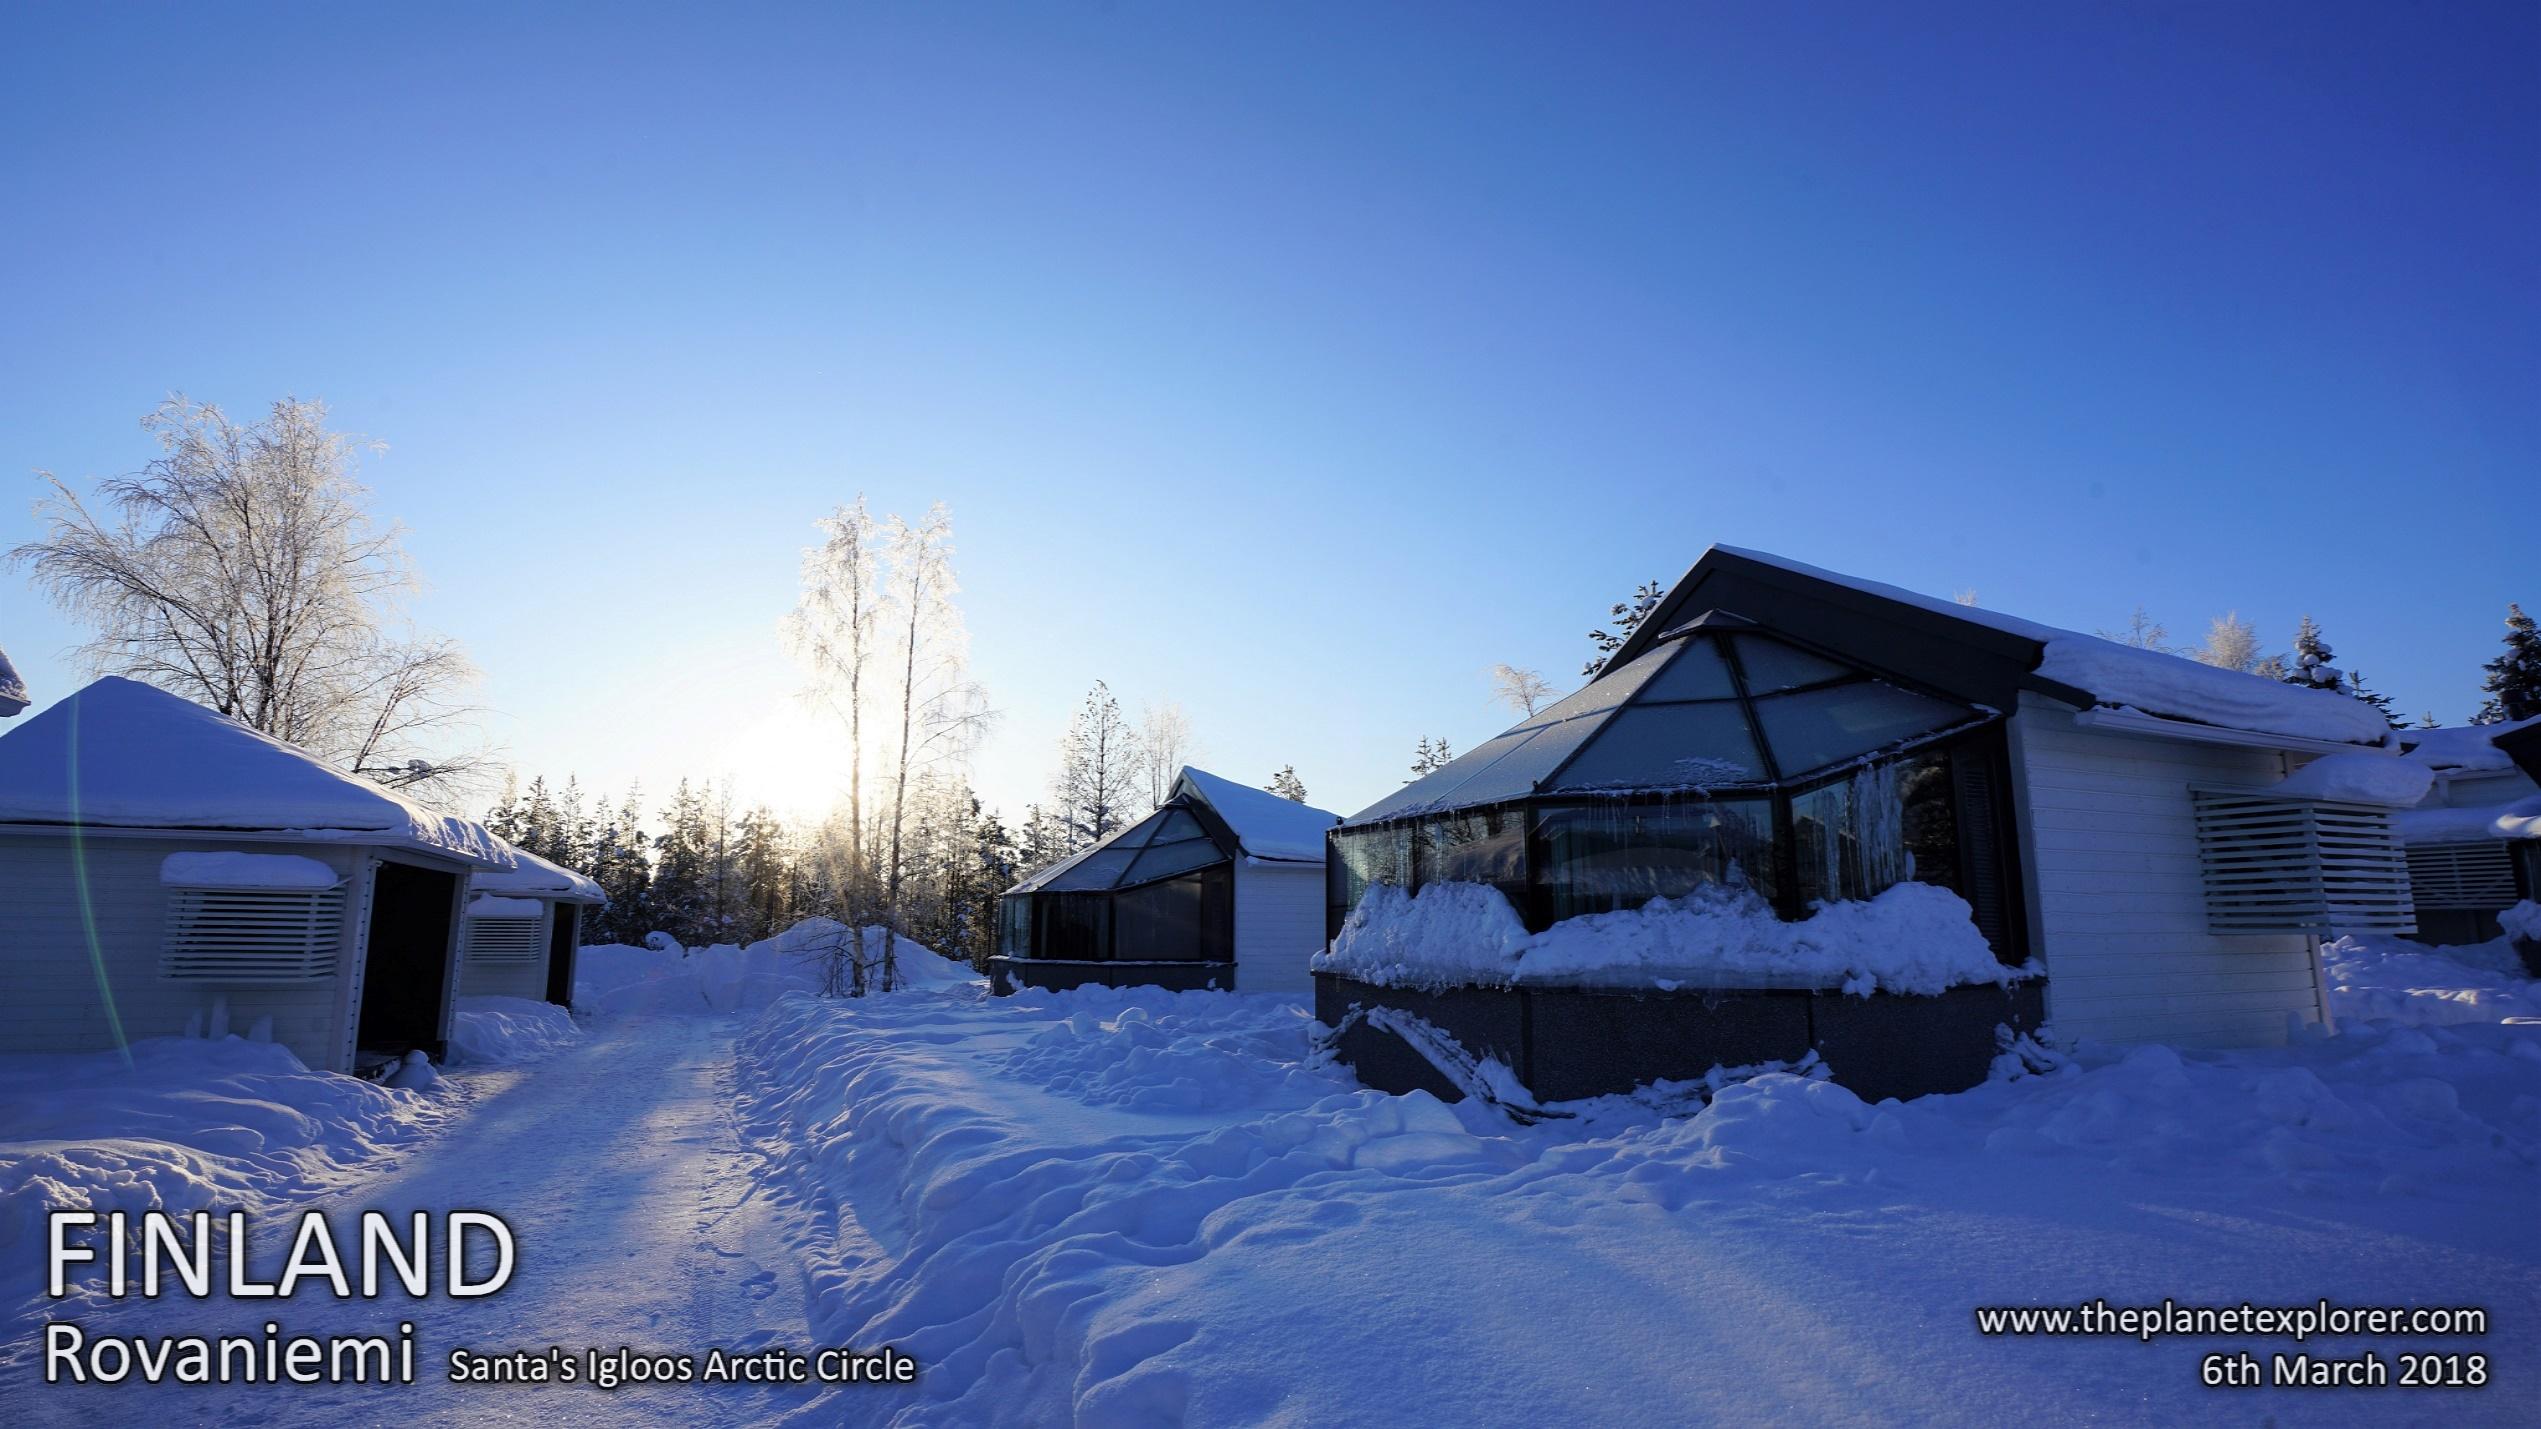 20180306_0833_Finland_Rovaniemi_Santa's Igloos Artic Circle_DSC09630_Sony a7R2_LR_@www